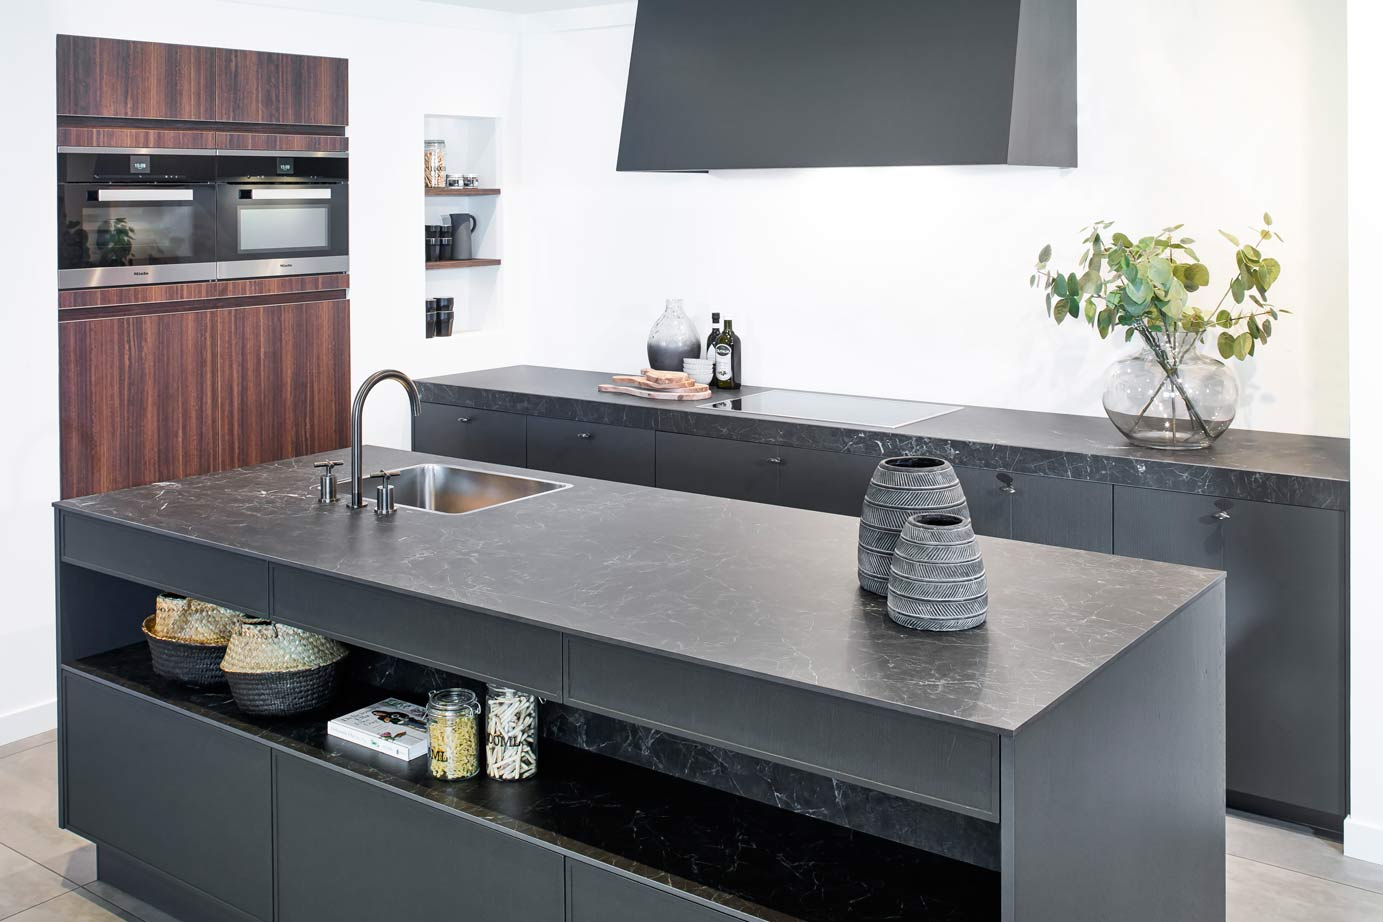 Moderne Keuken Grijs : Een grijze keuken luxe uitstraling past bij veel interieurs db